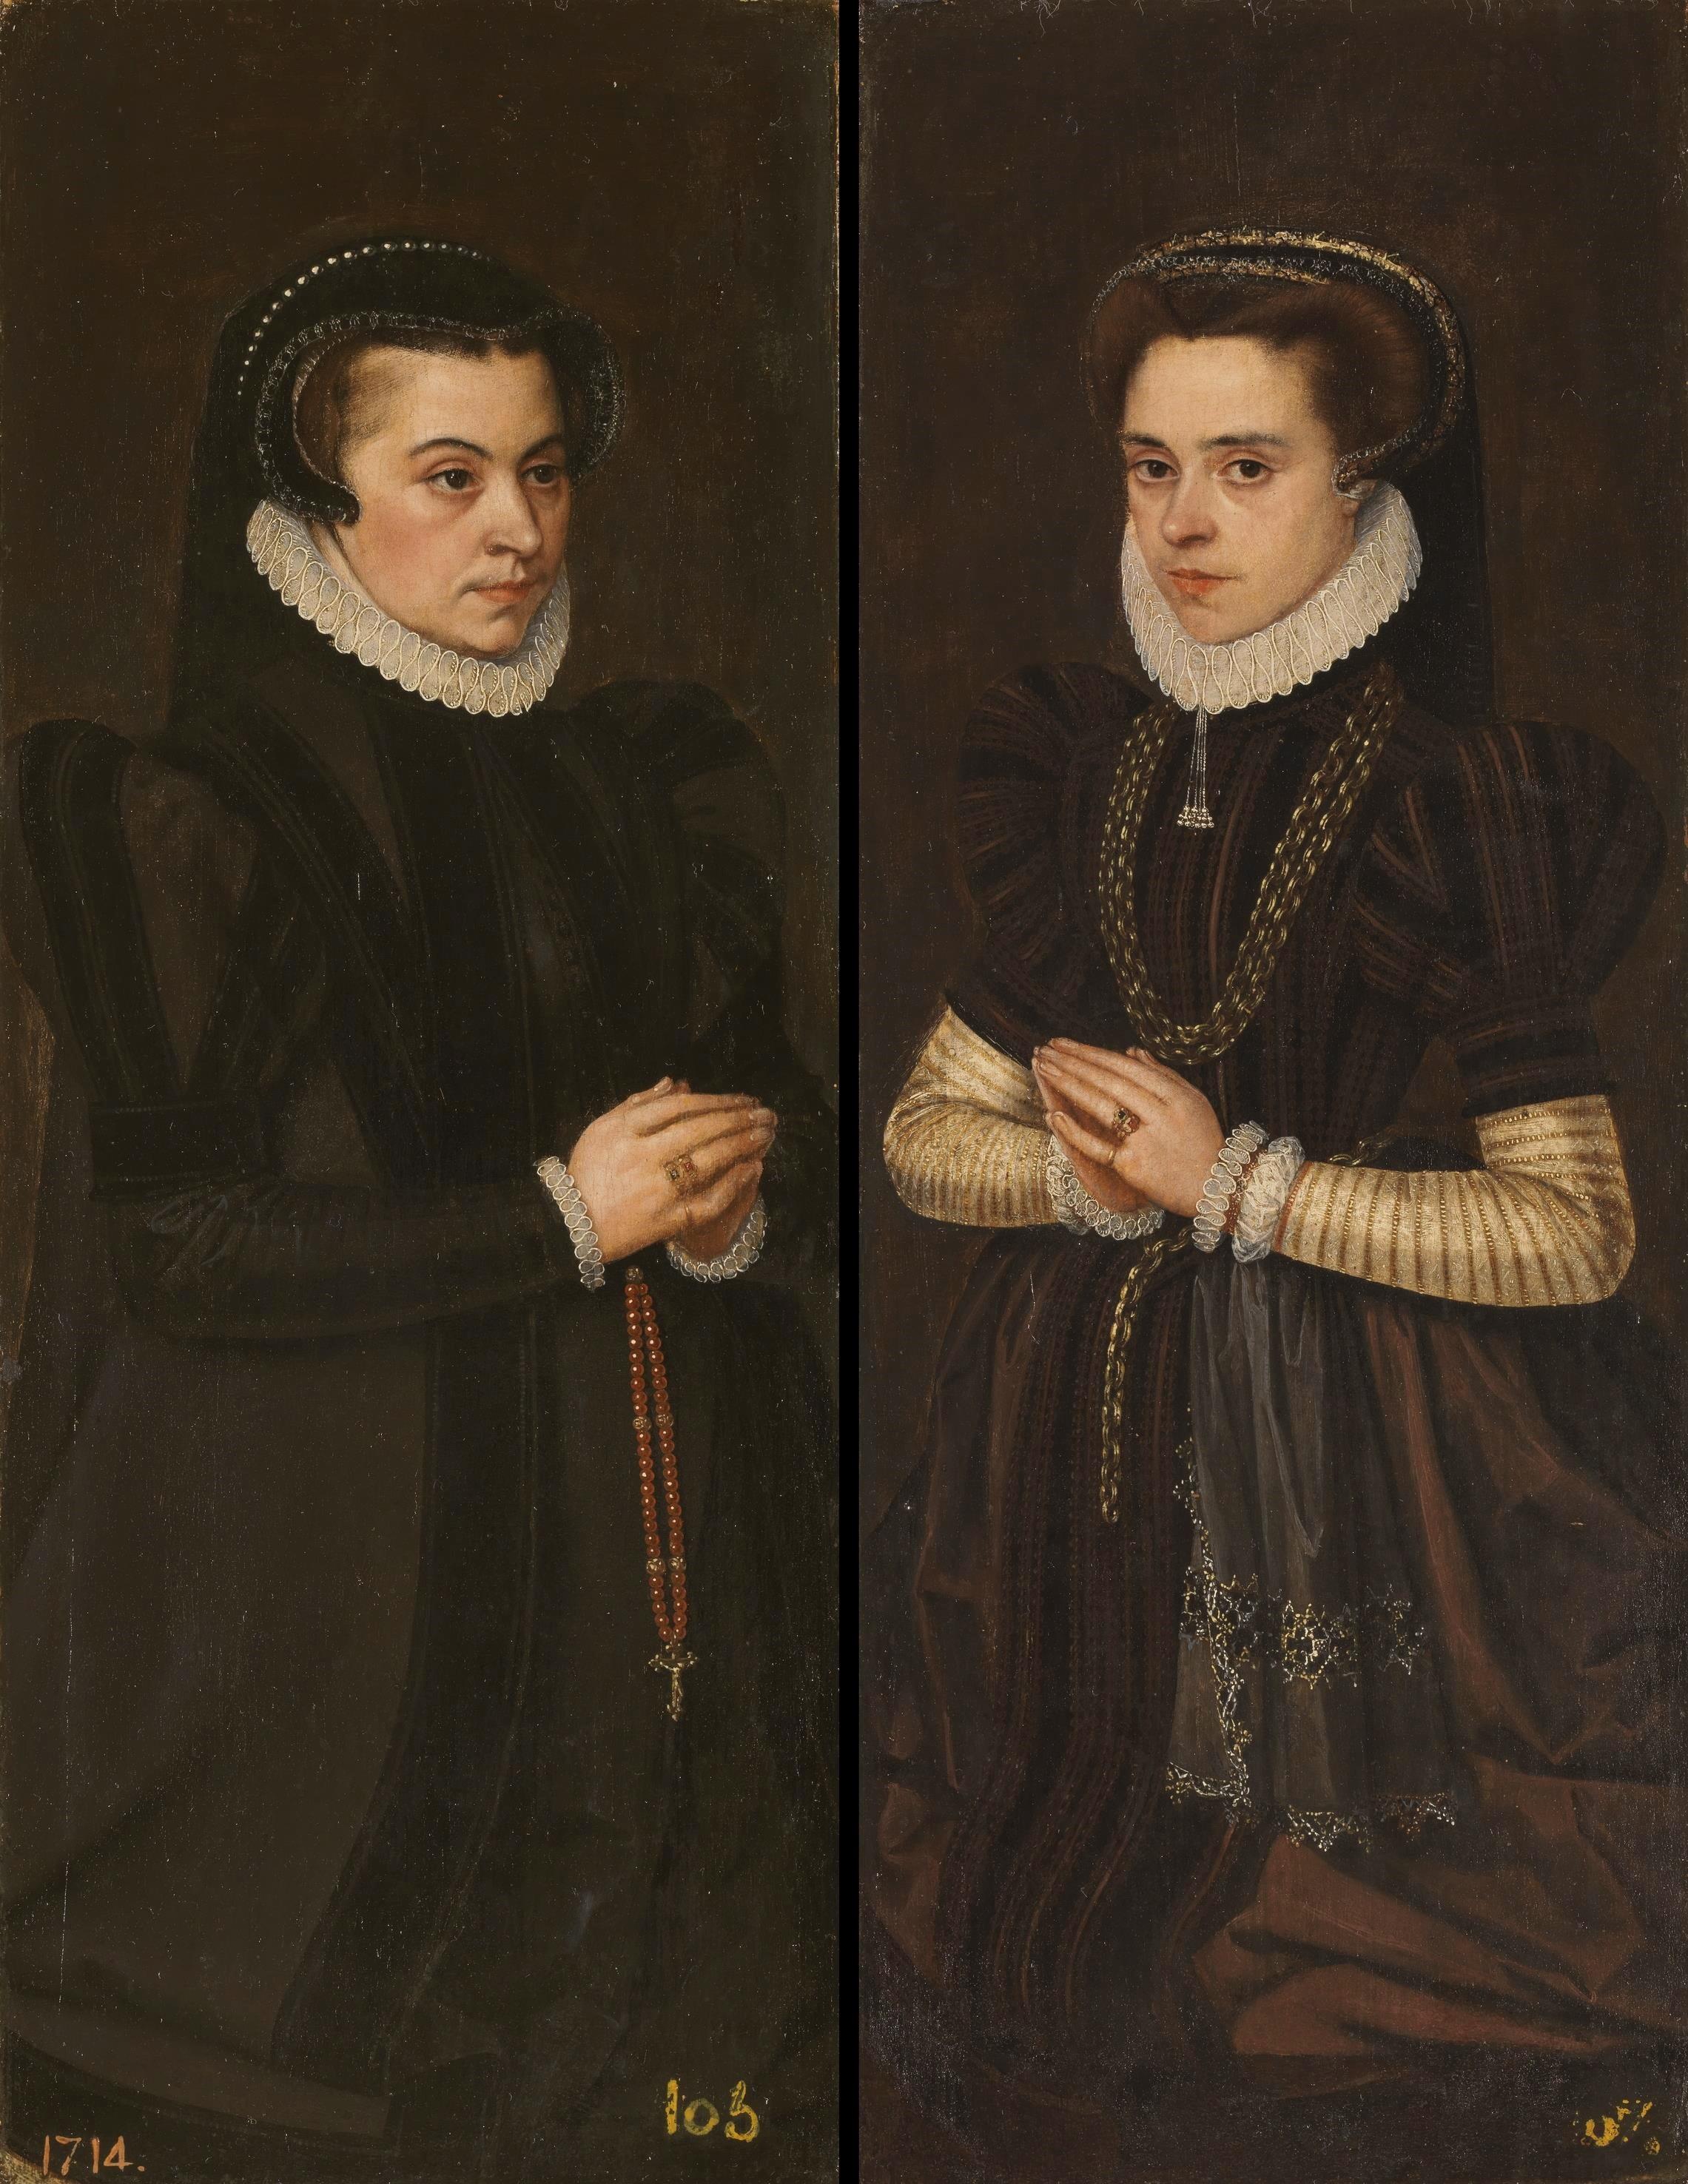 Margarita_de_Parma_y_María_de_Portugal,_esposa_de_Alejandro_Farnesio_(Museo_del_Prado).jpg